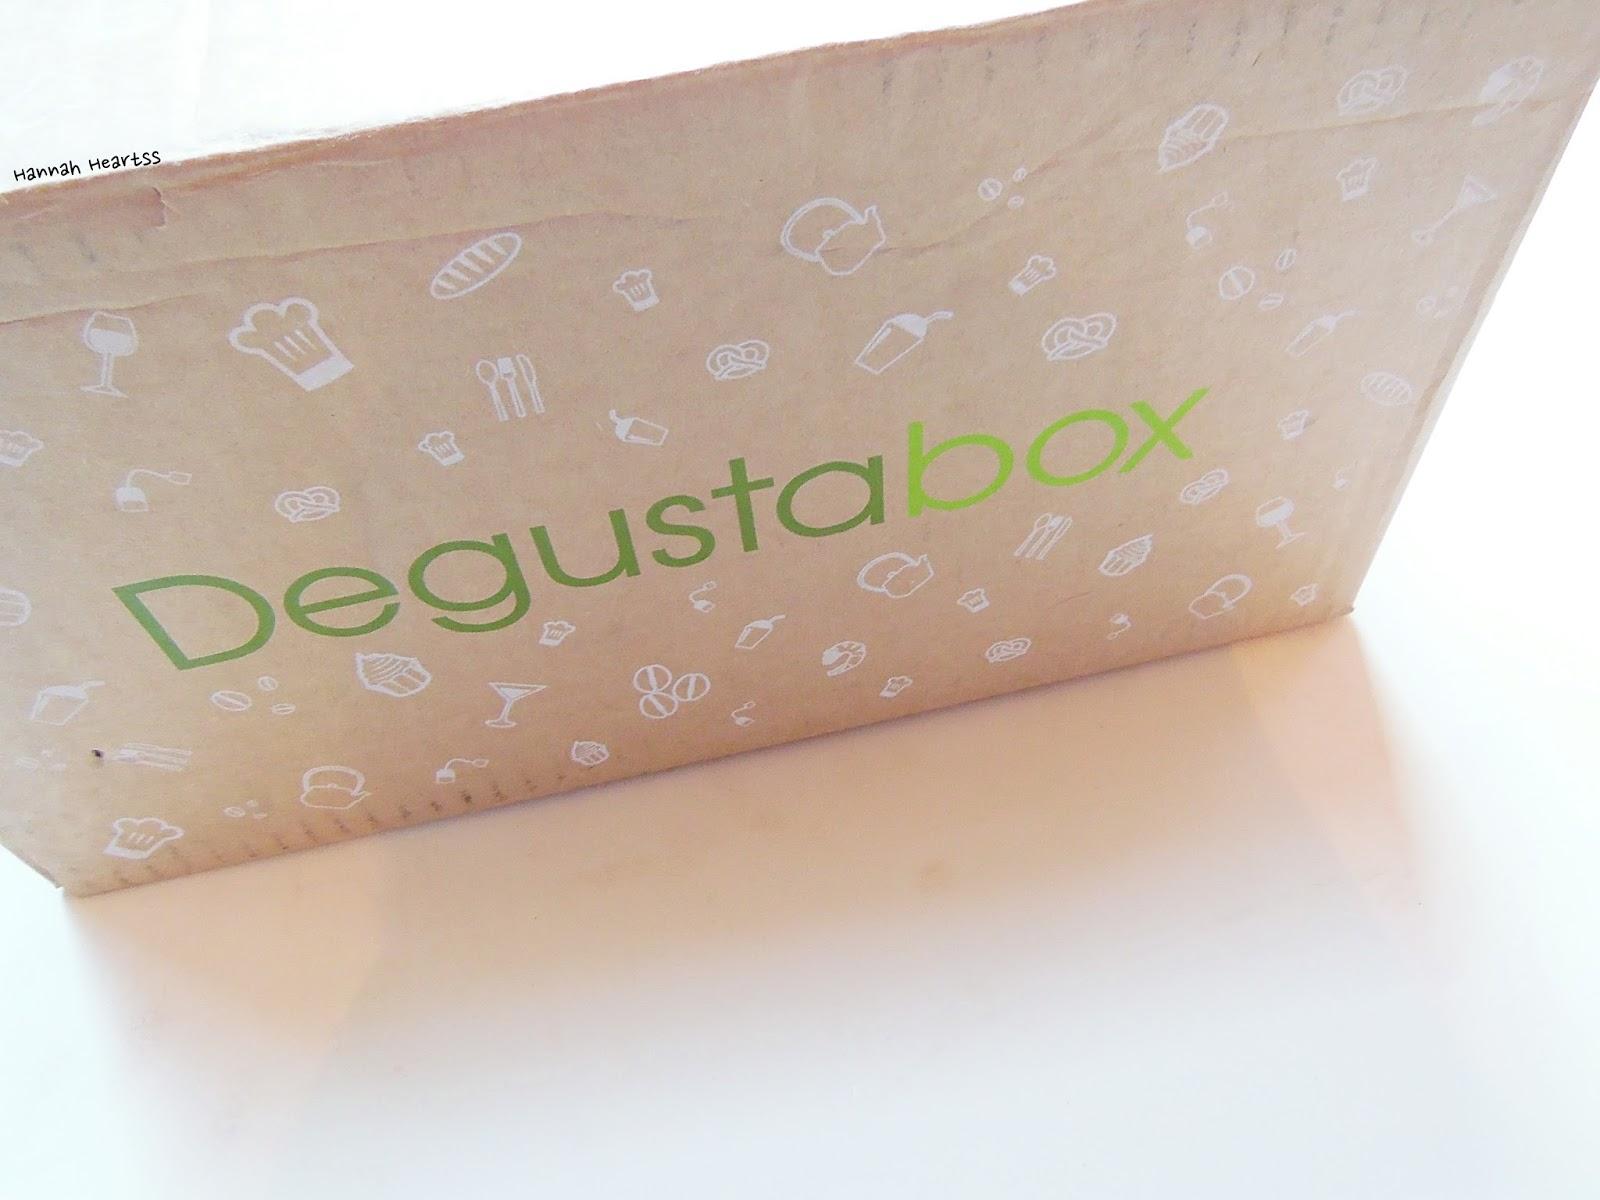 Degustabox October 2015